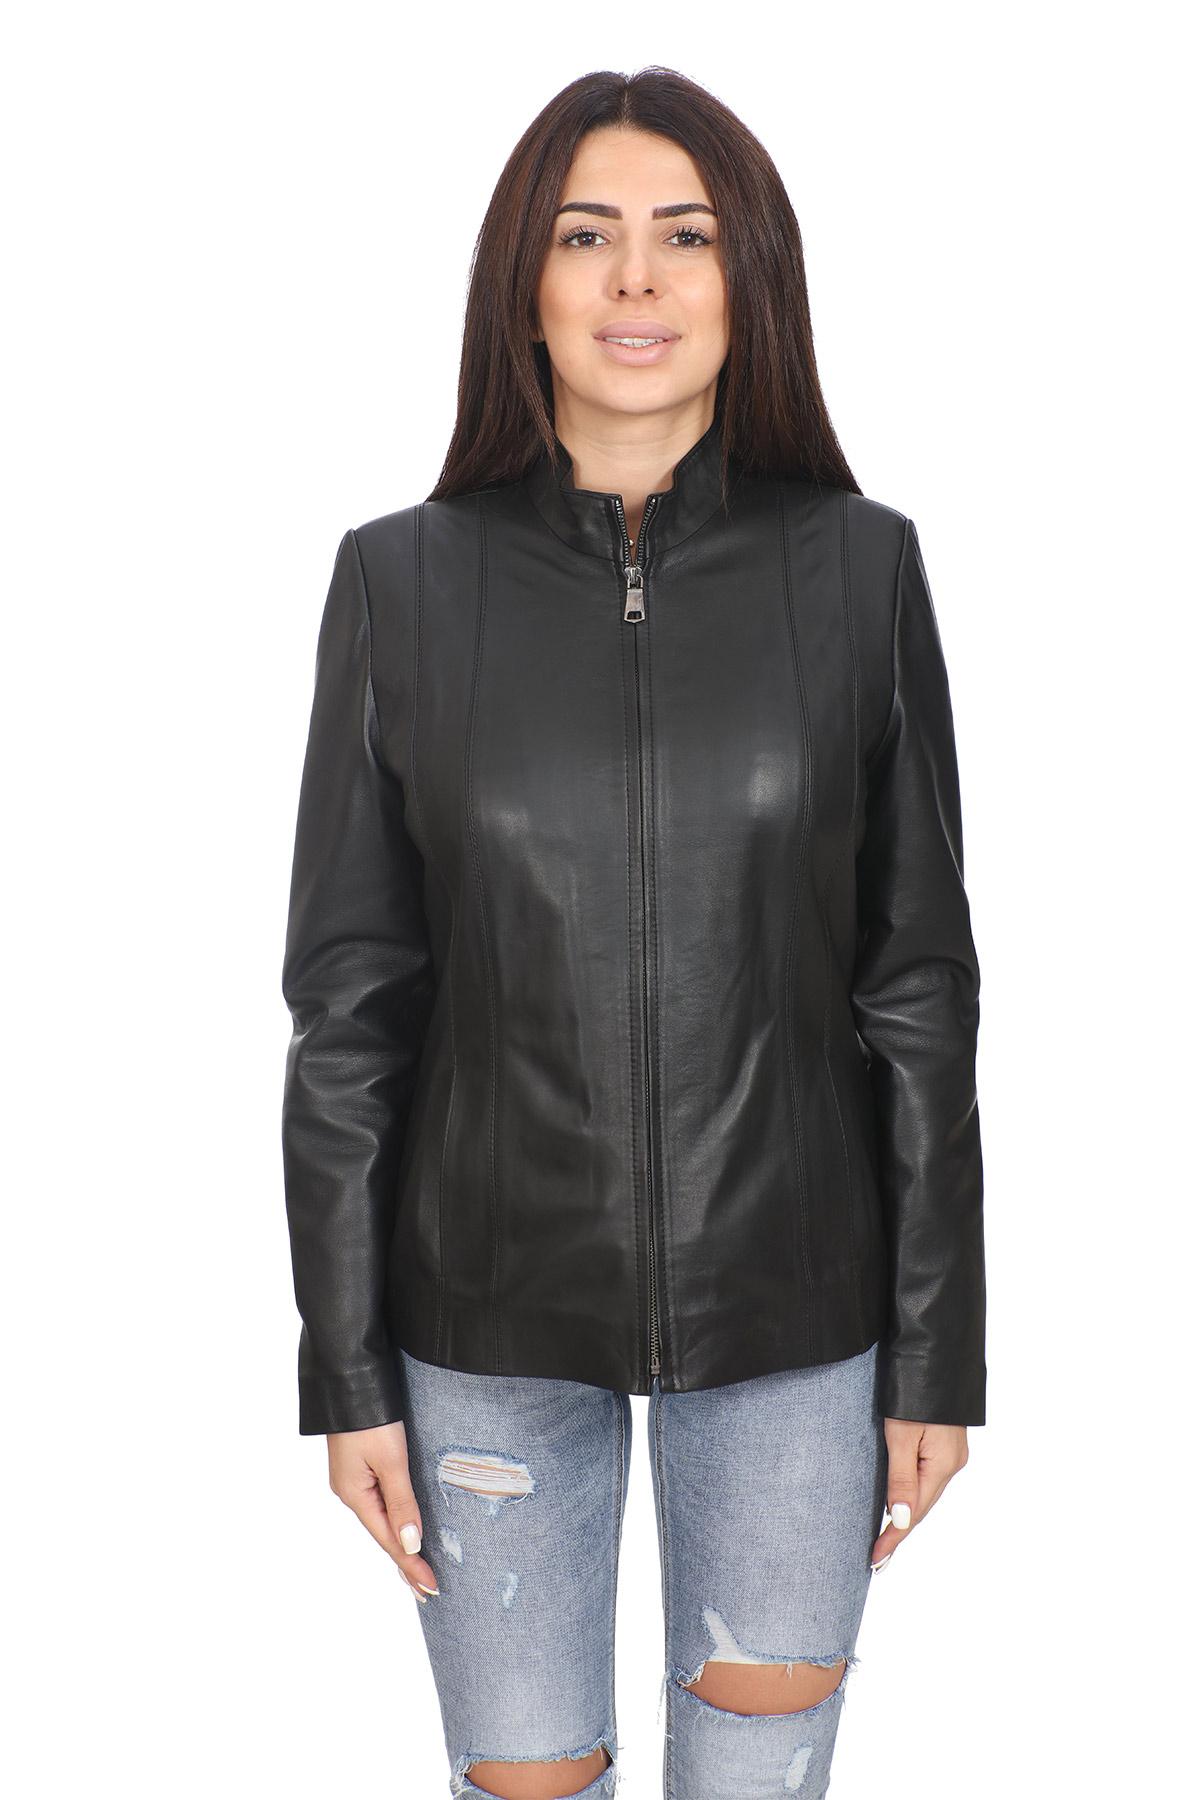 Fendi Black Leather Jacket